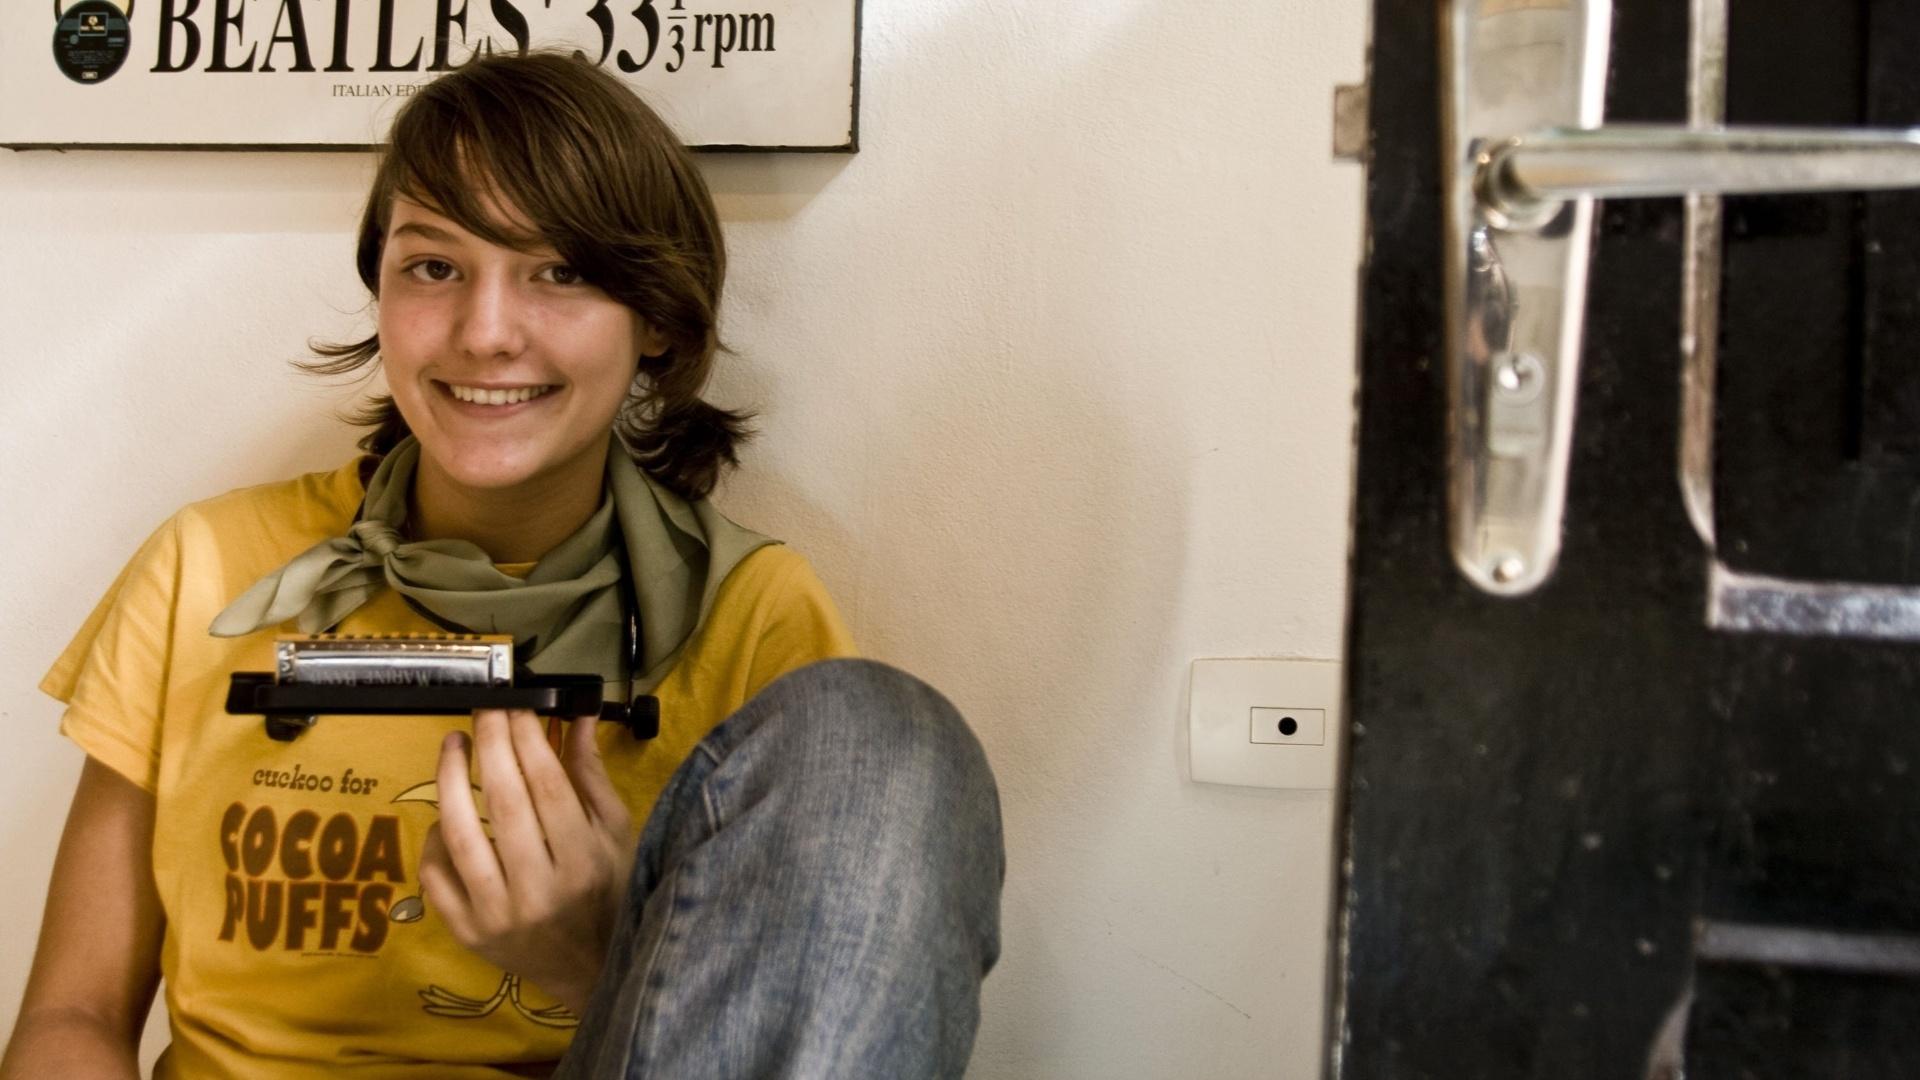 Com um ar avoado e inocente, Mallu Magalhães fez sucesso no MySpace com quatro músicas que gravou com o dinheiro recebido de presente no seu aniversário de 2007.